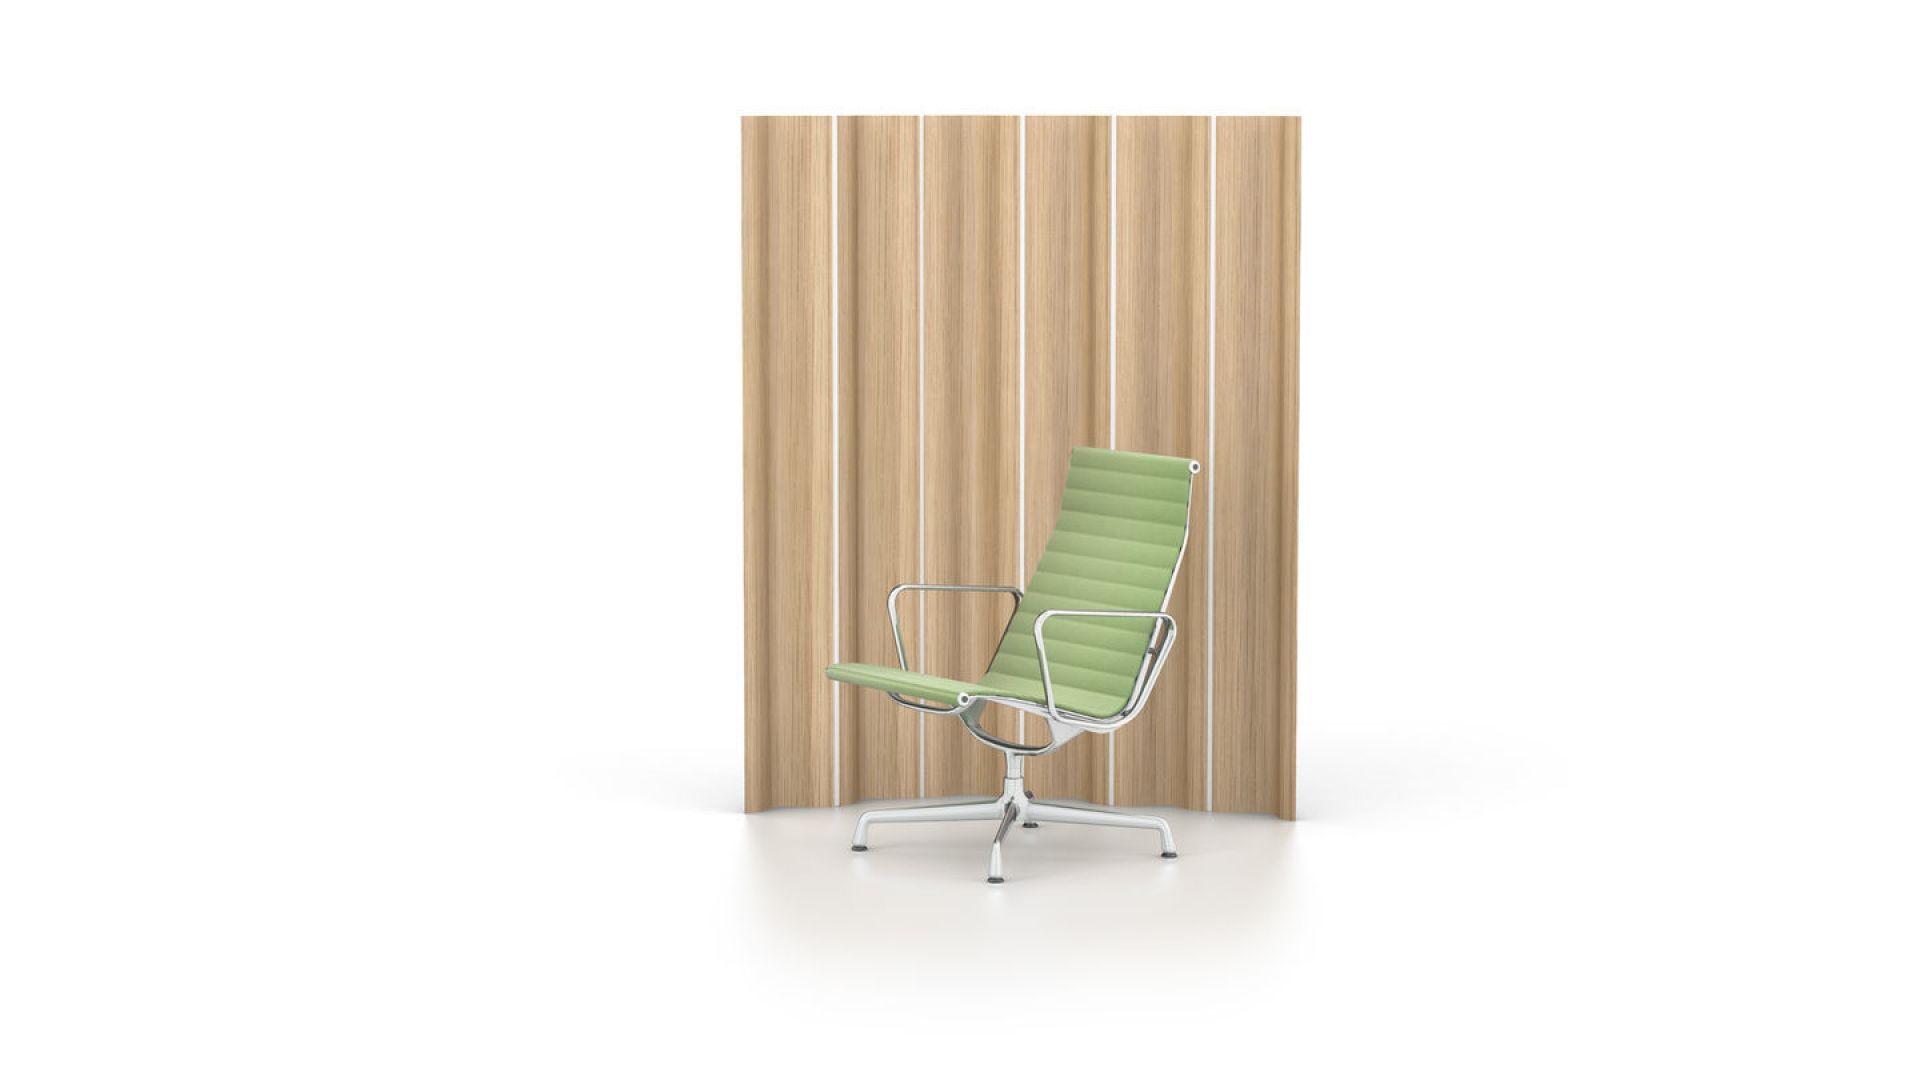 Aluminum Chair EA115 / EA 115 Armchair Non-rotatably Vitra